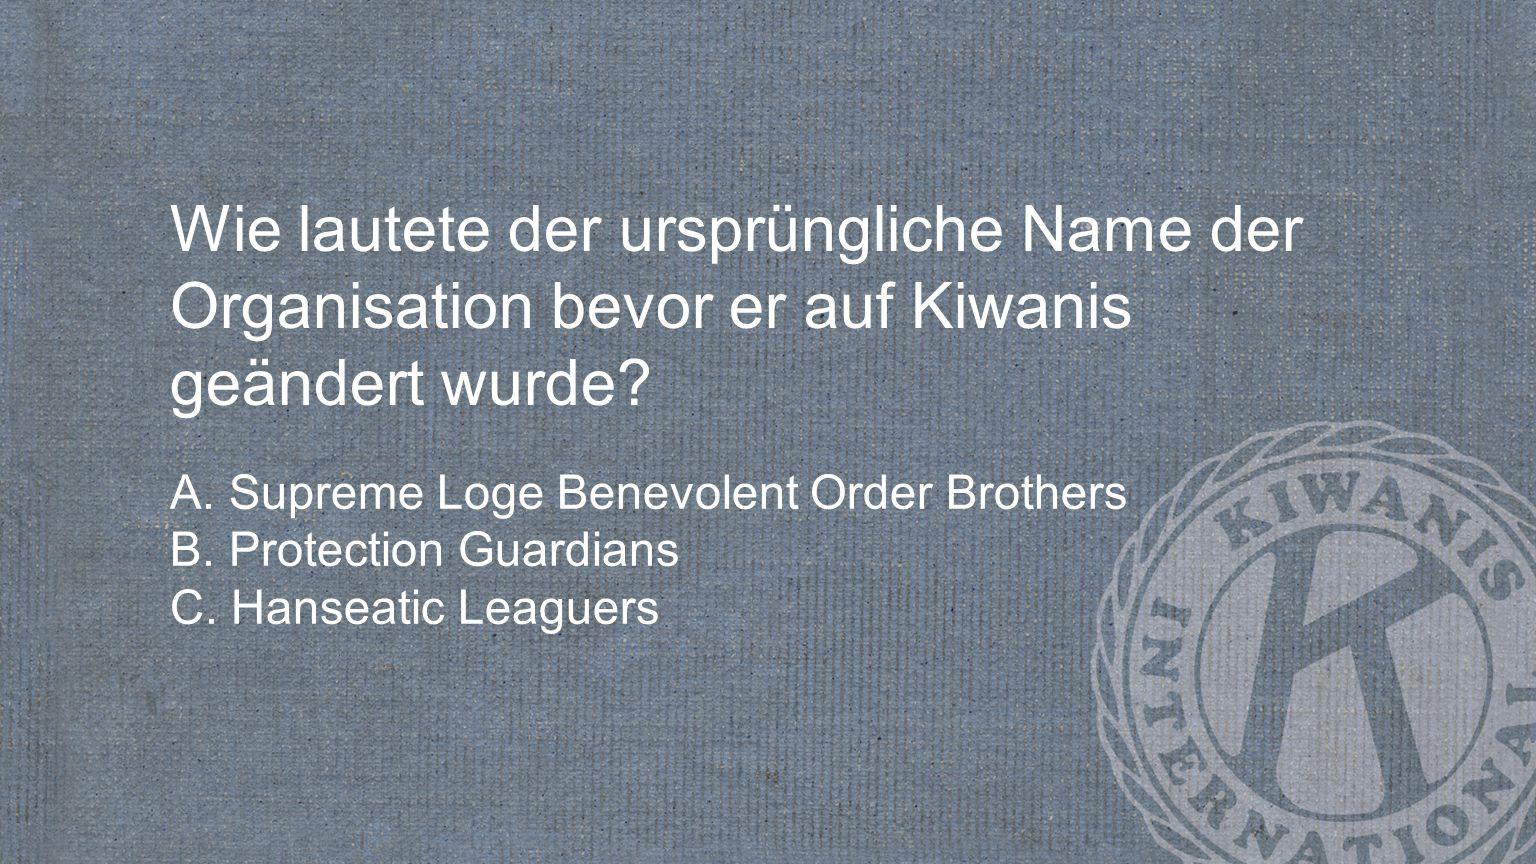 Wie lautete der ursprüngliche Name der Organisation bevor er auf Kiwanis geändert wurde.